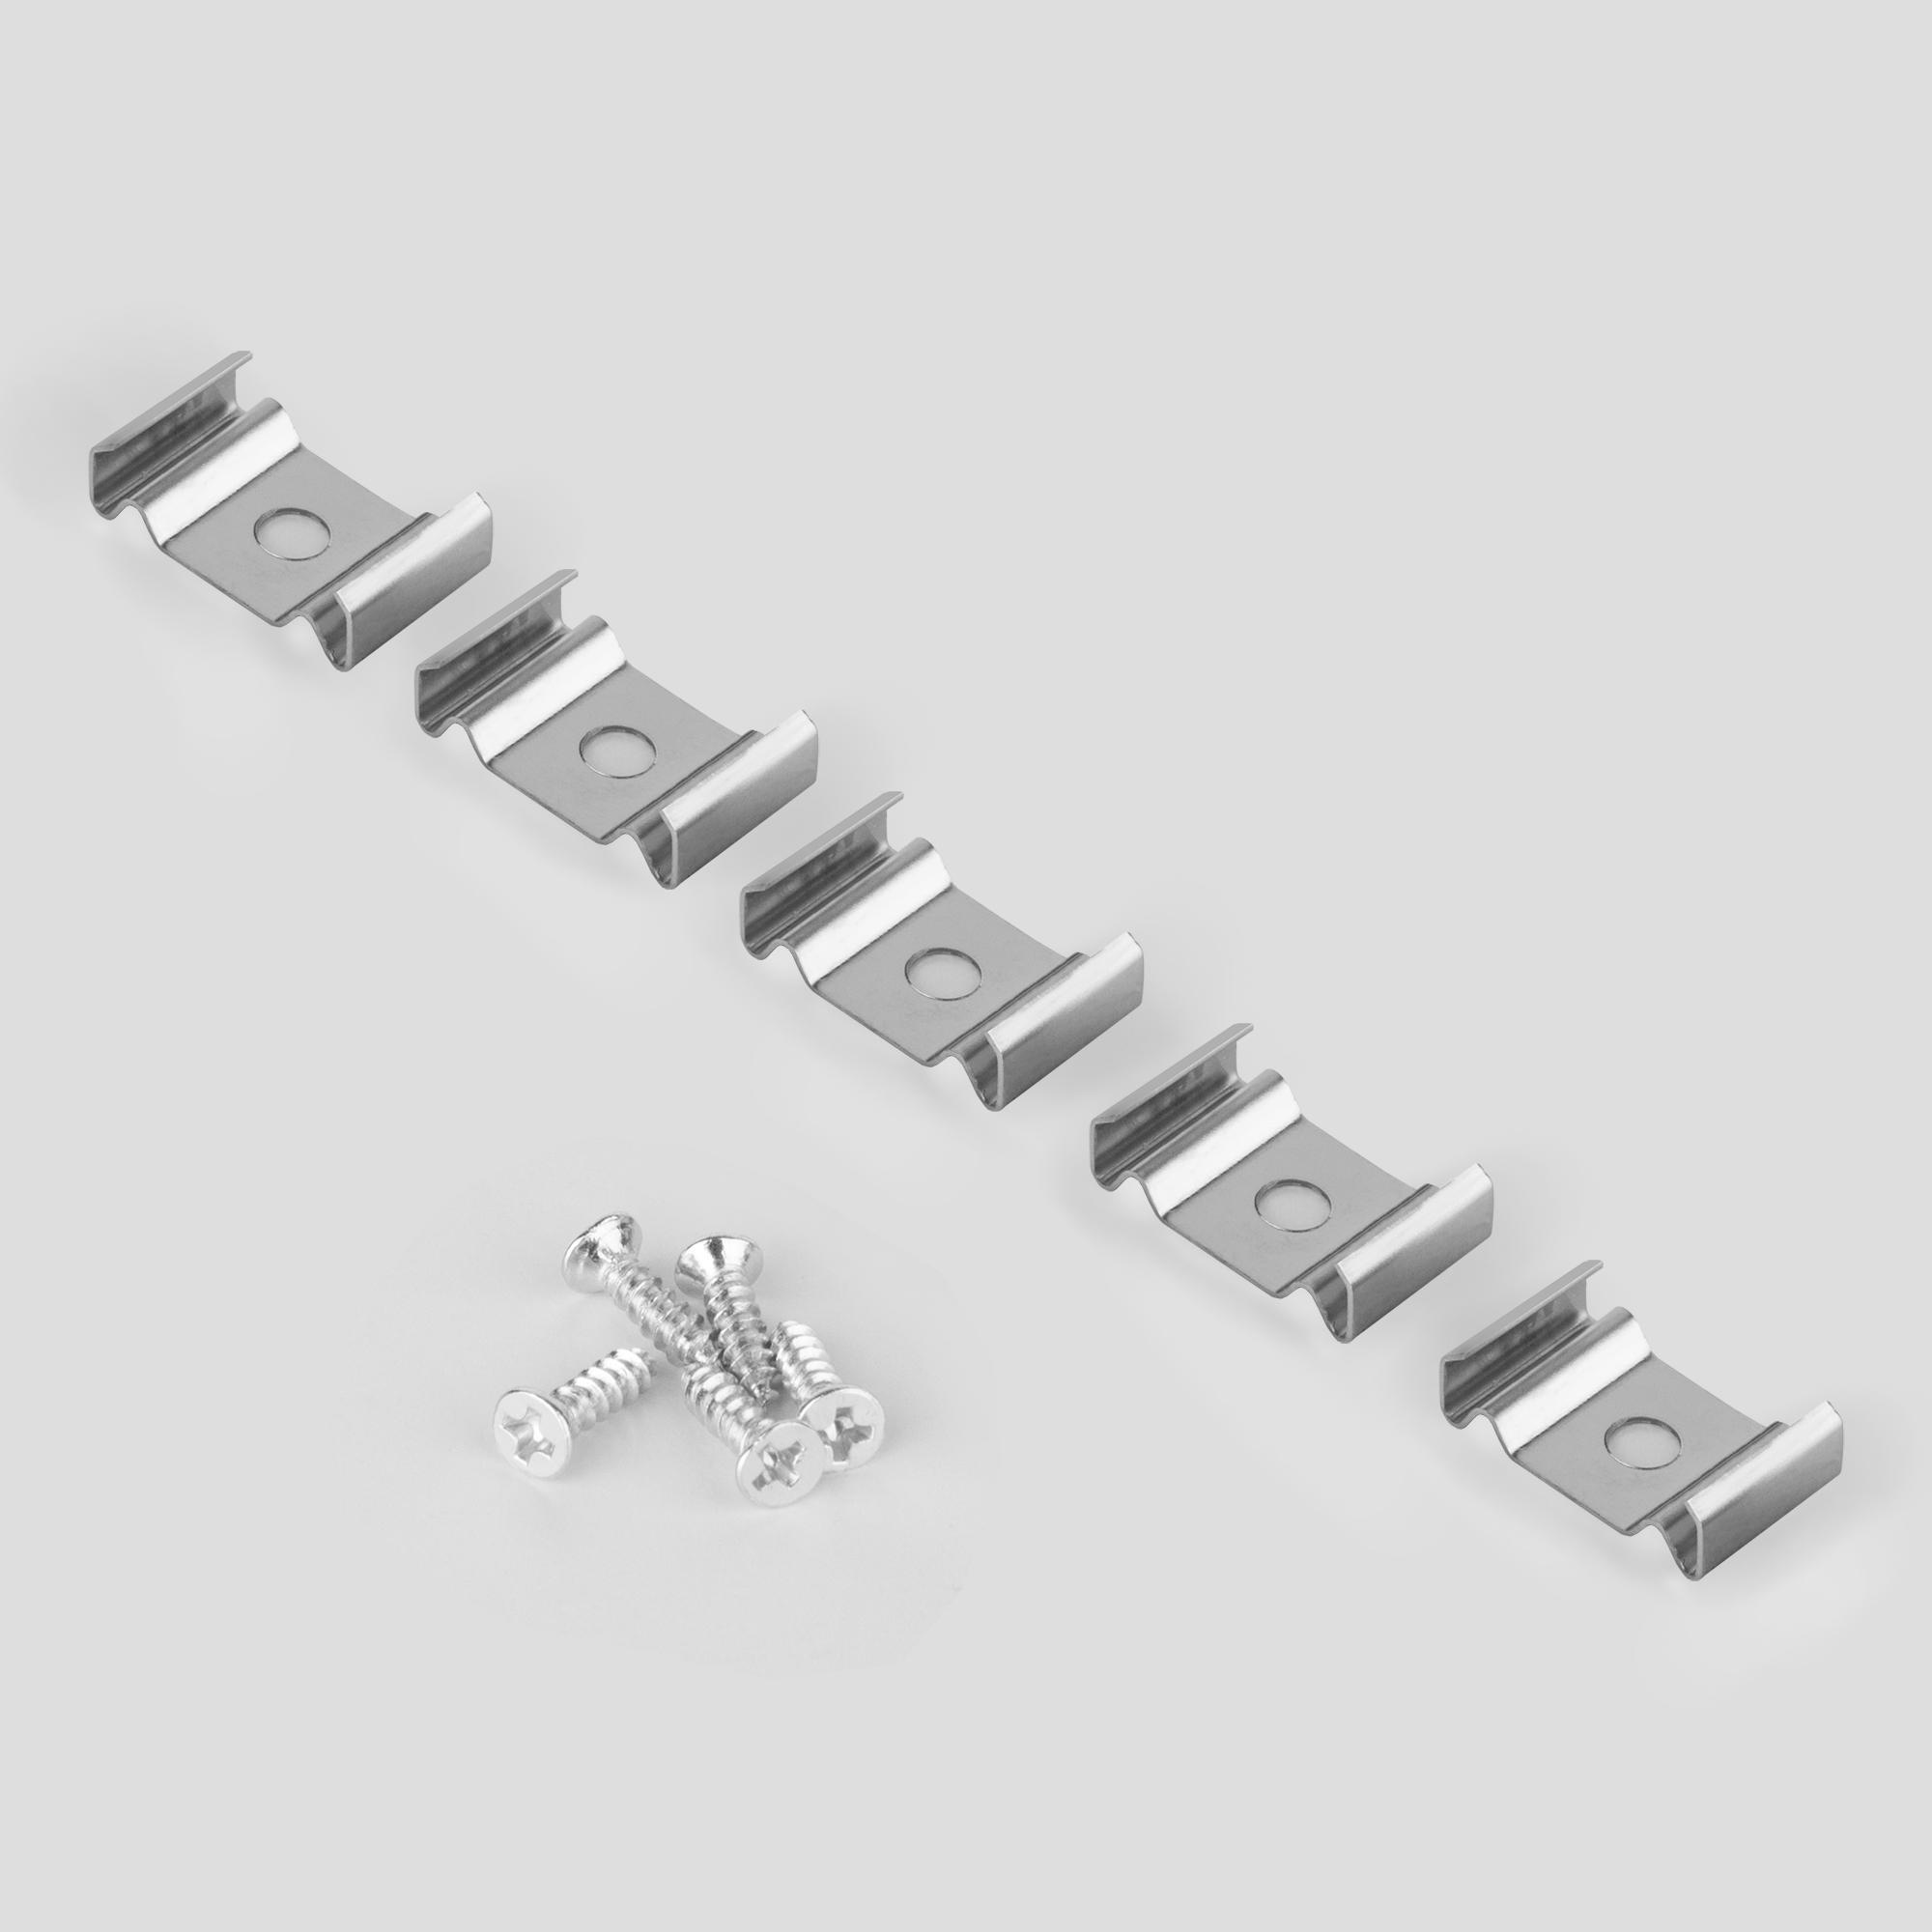 Клипса монтажная для гибкого профиля Clip LL-2-ALP012 (5pcs)